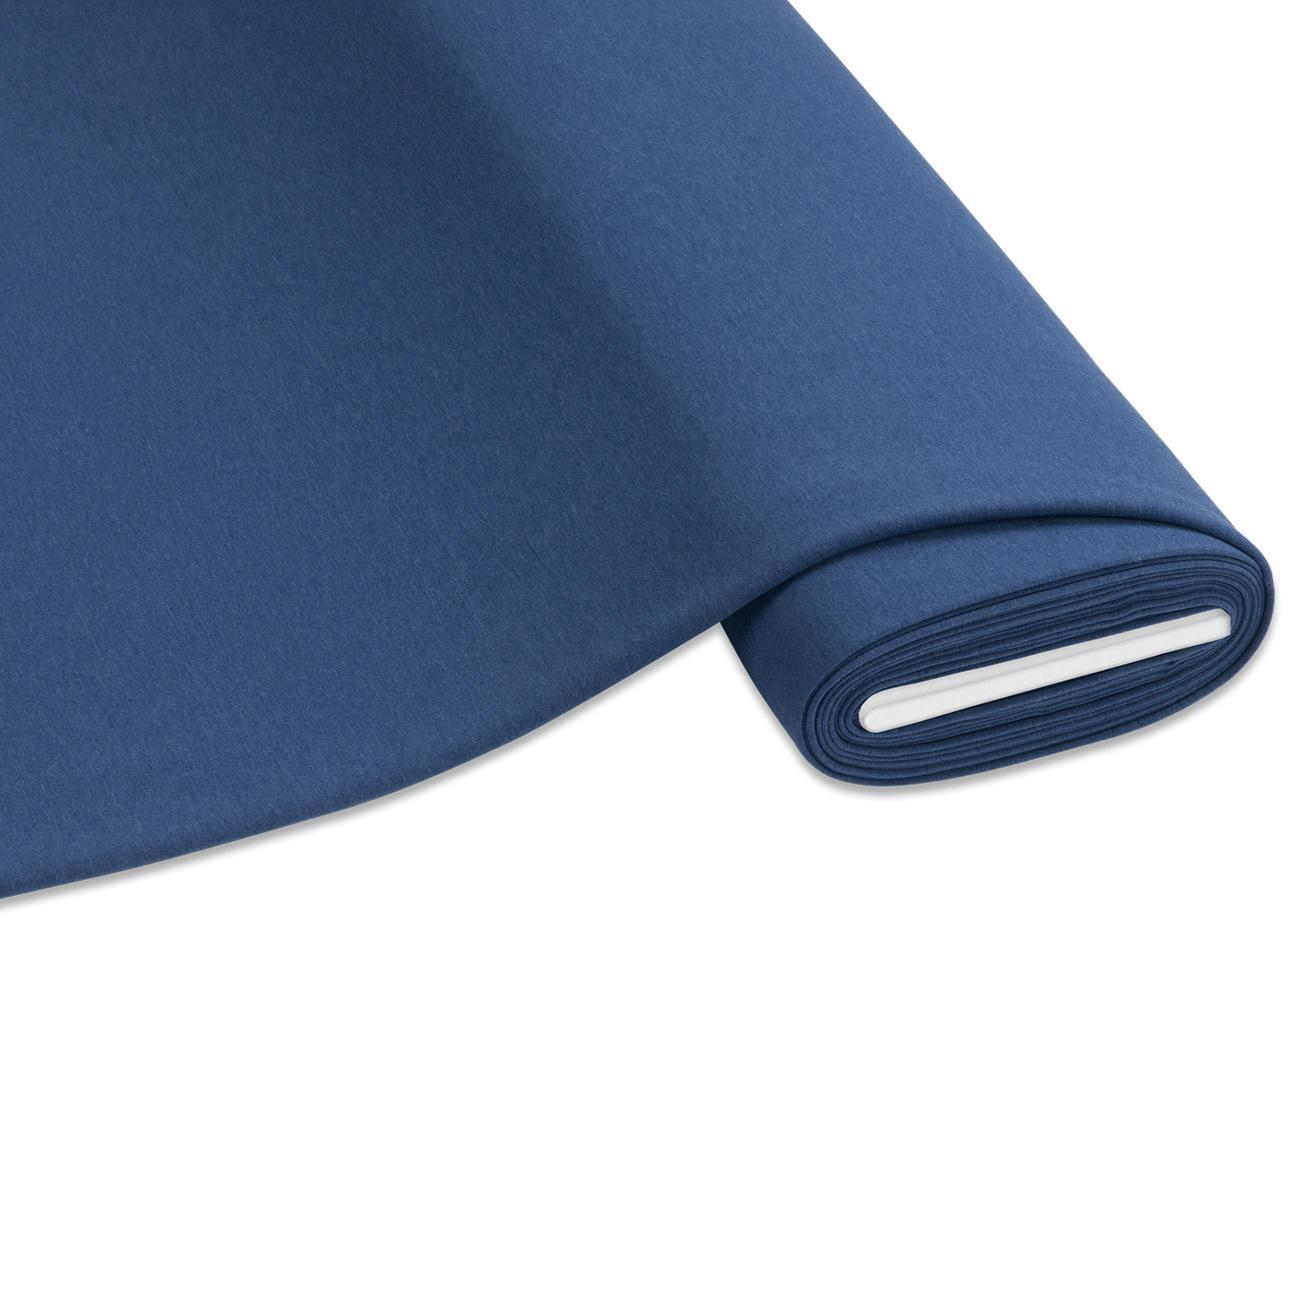 Sweat Stoff Meterware : meterware jersey sweat stoff jeans ~ Watch28wear.com Haus und Dekorationen